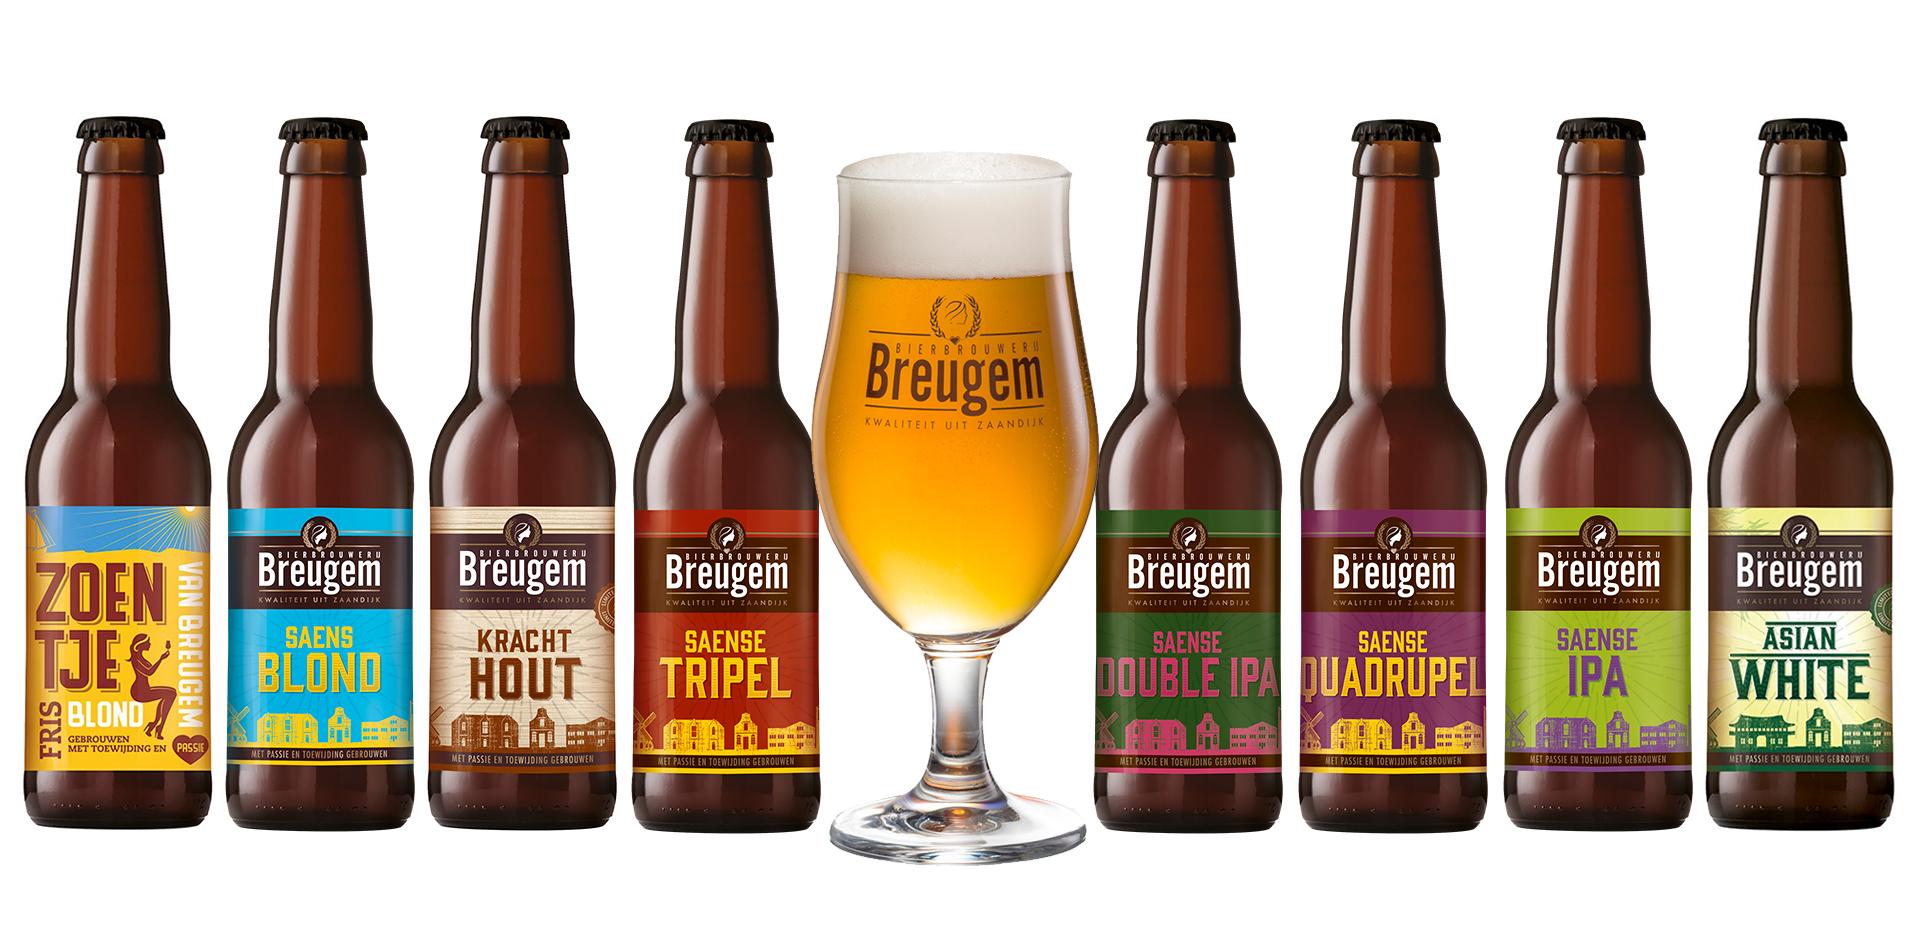 nectar-utrecht-pils-bier-brouwerij-nederland-zaandijk-breugem-assortiment